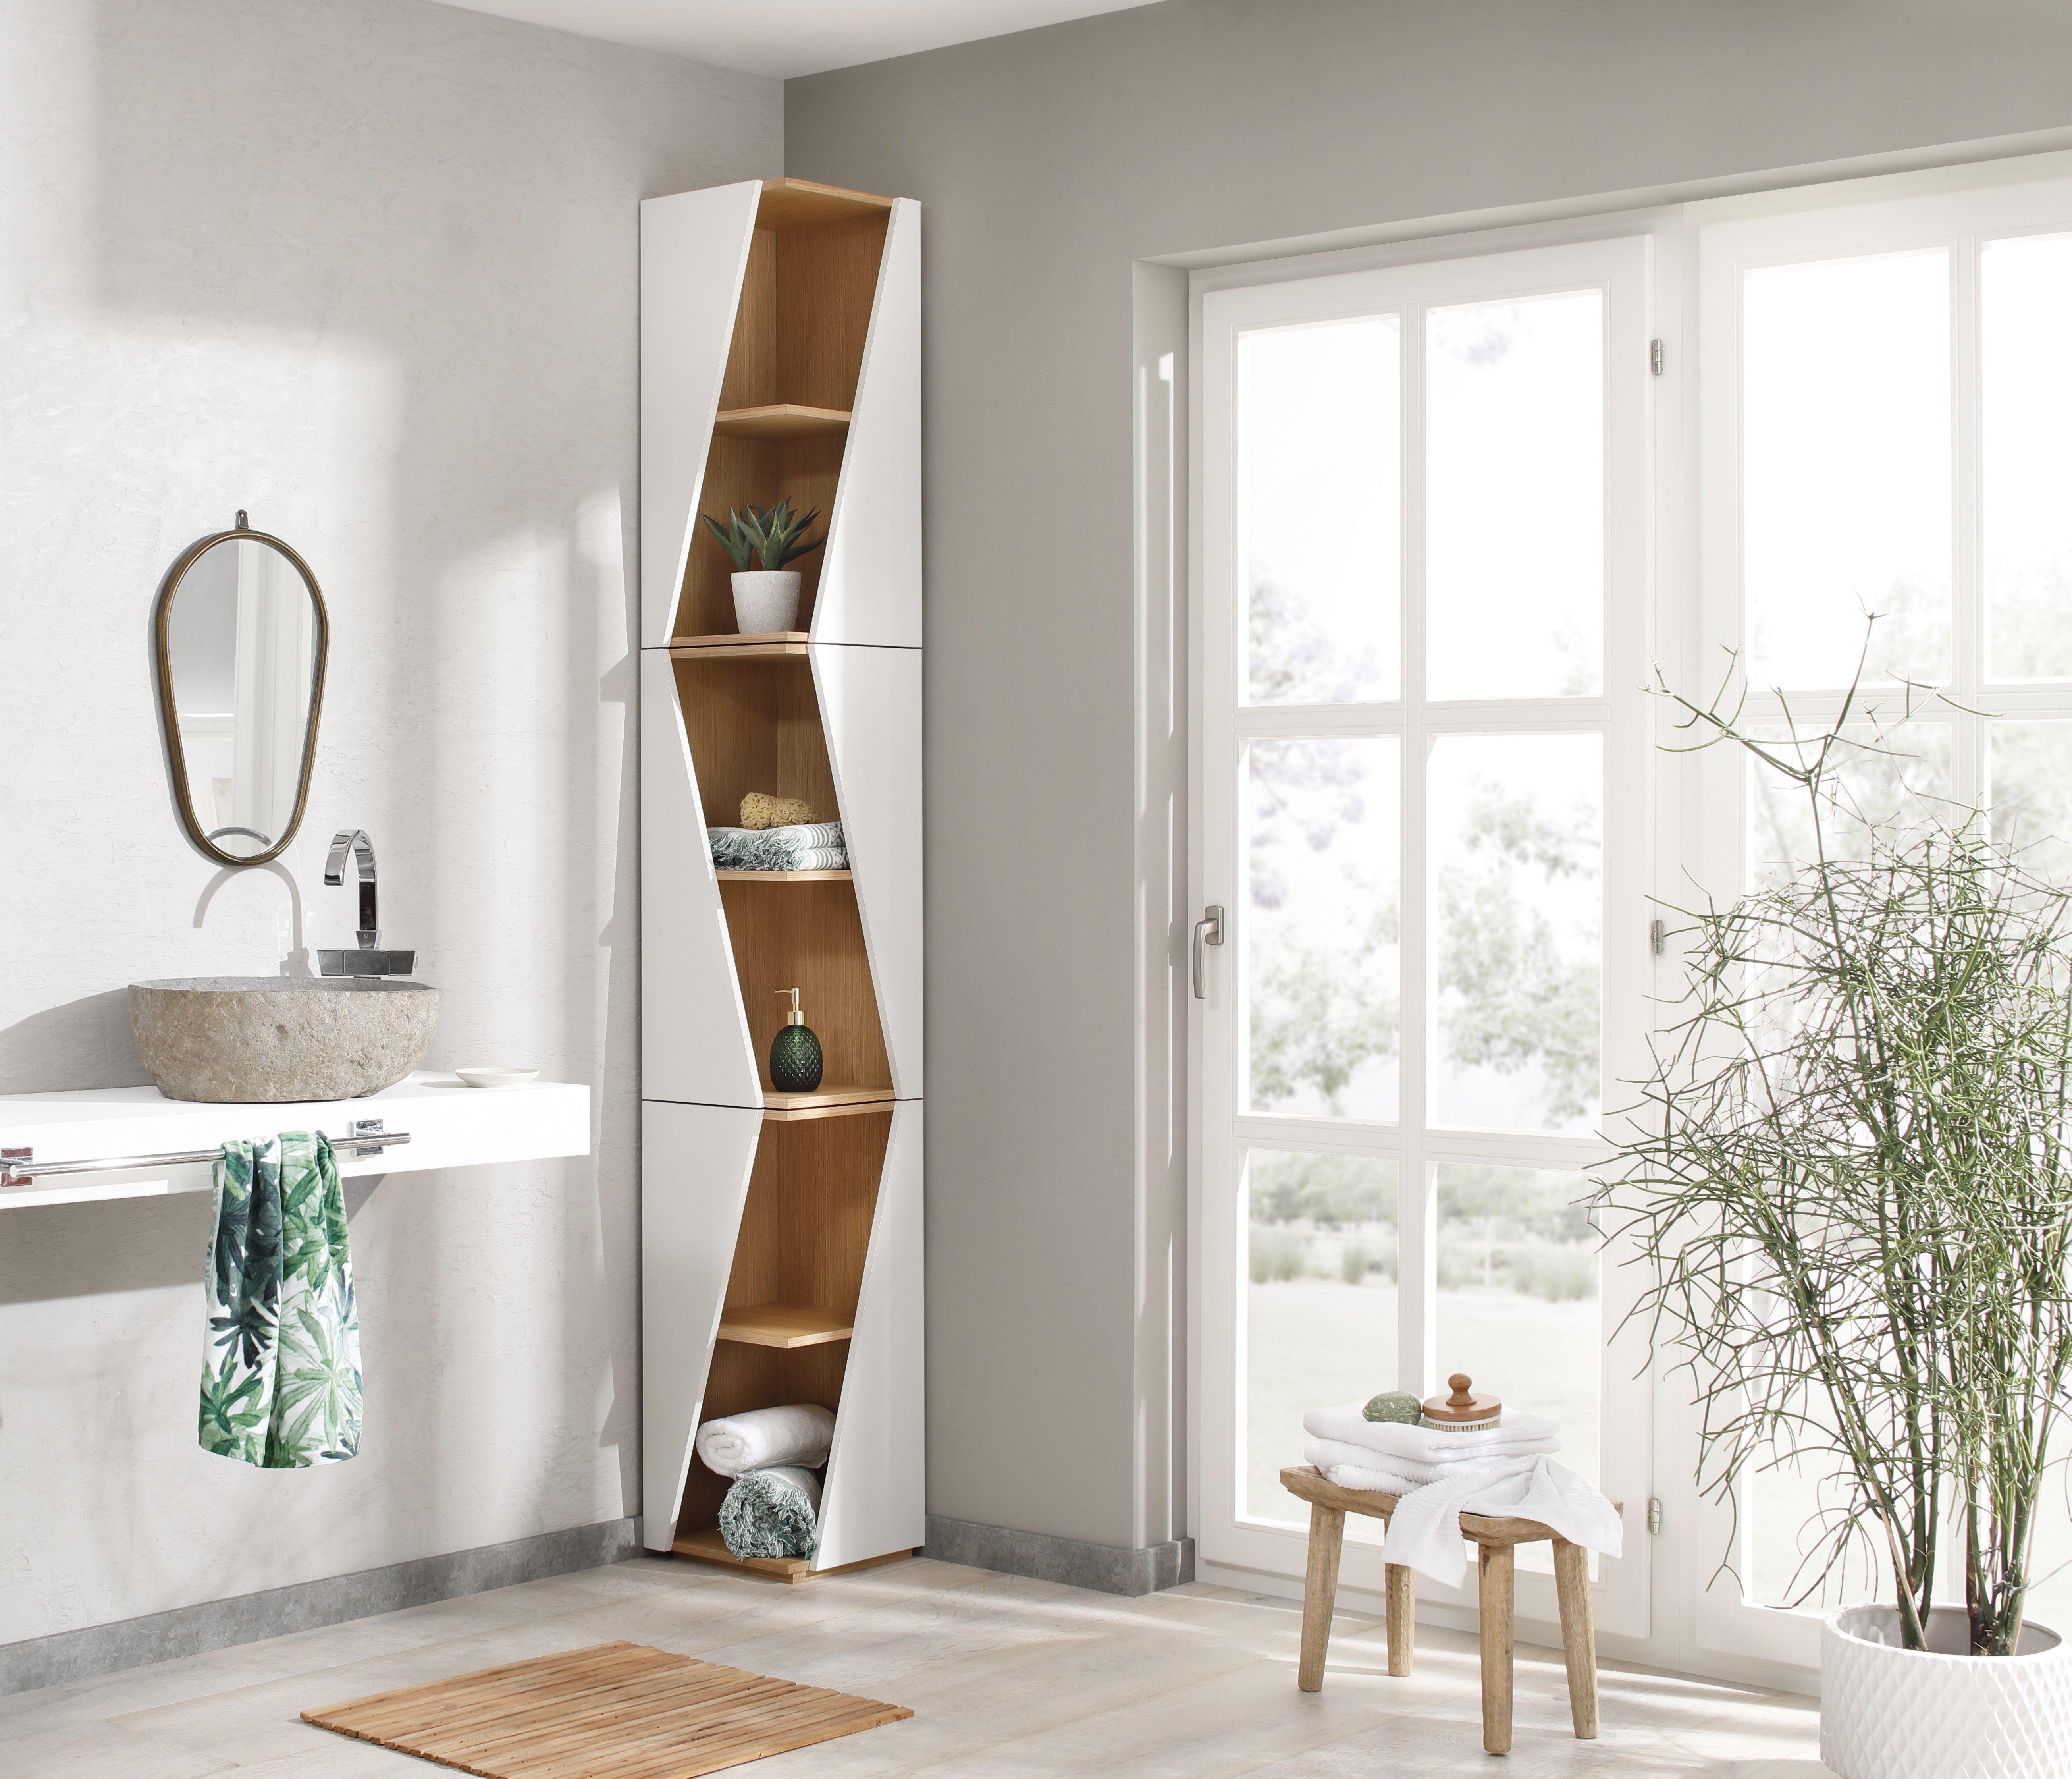 becky ist ein stapelbares design-eckregal für kleine badezimmer, Badezimmer ideen